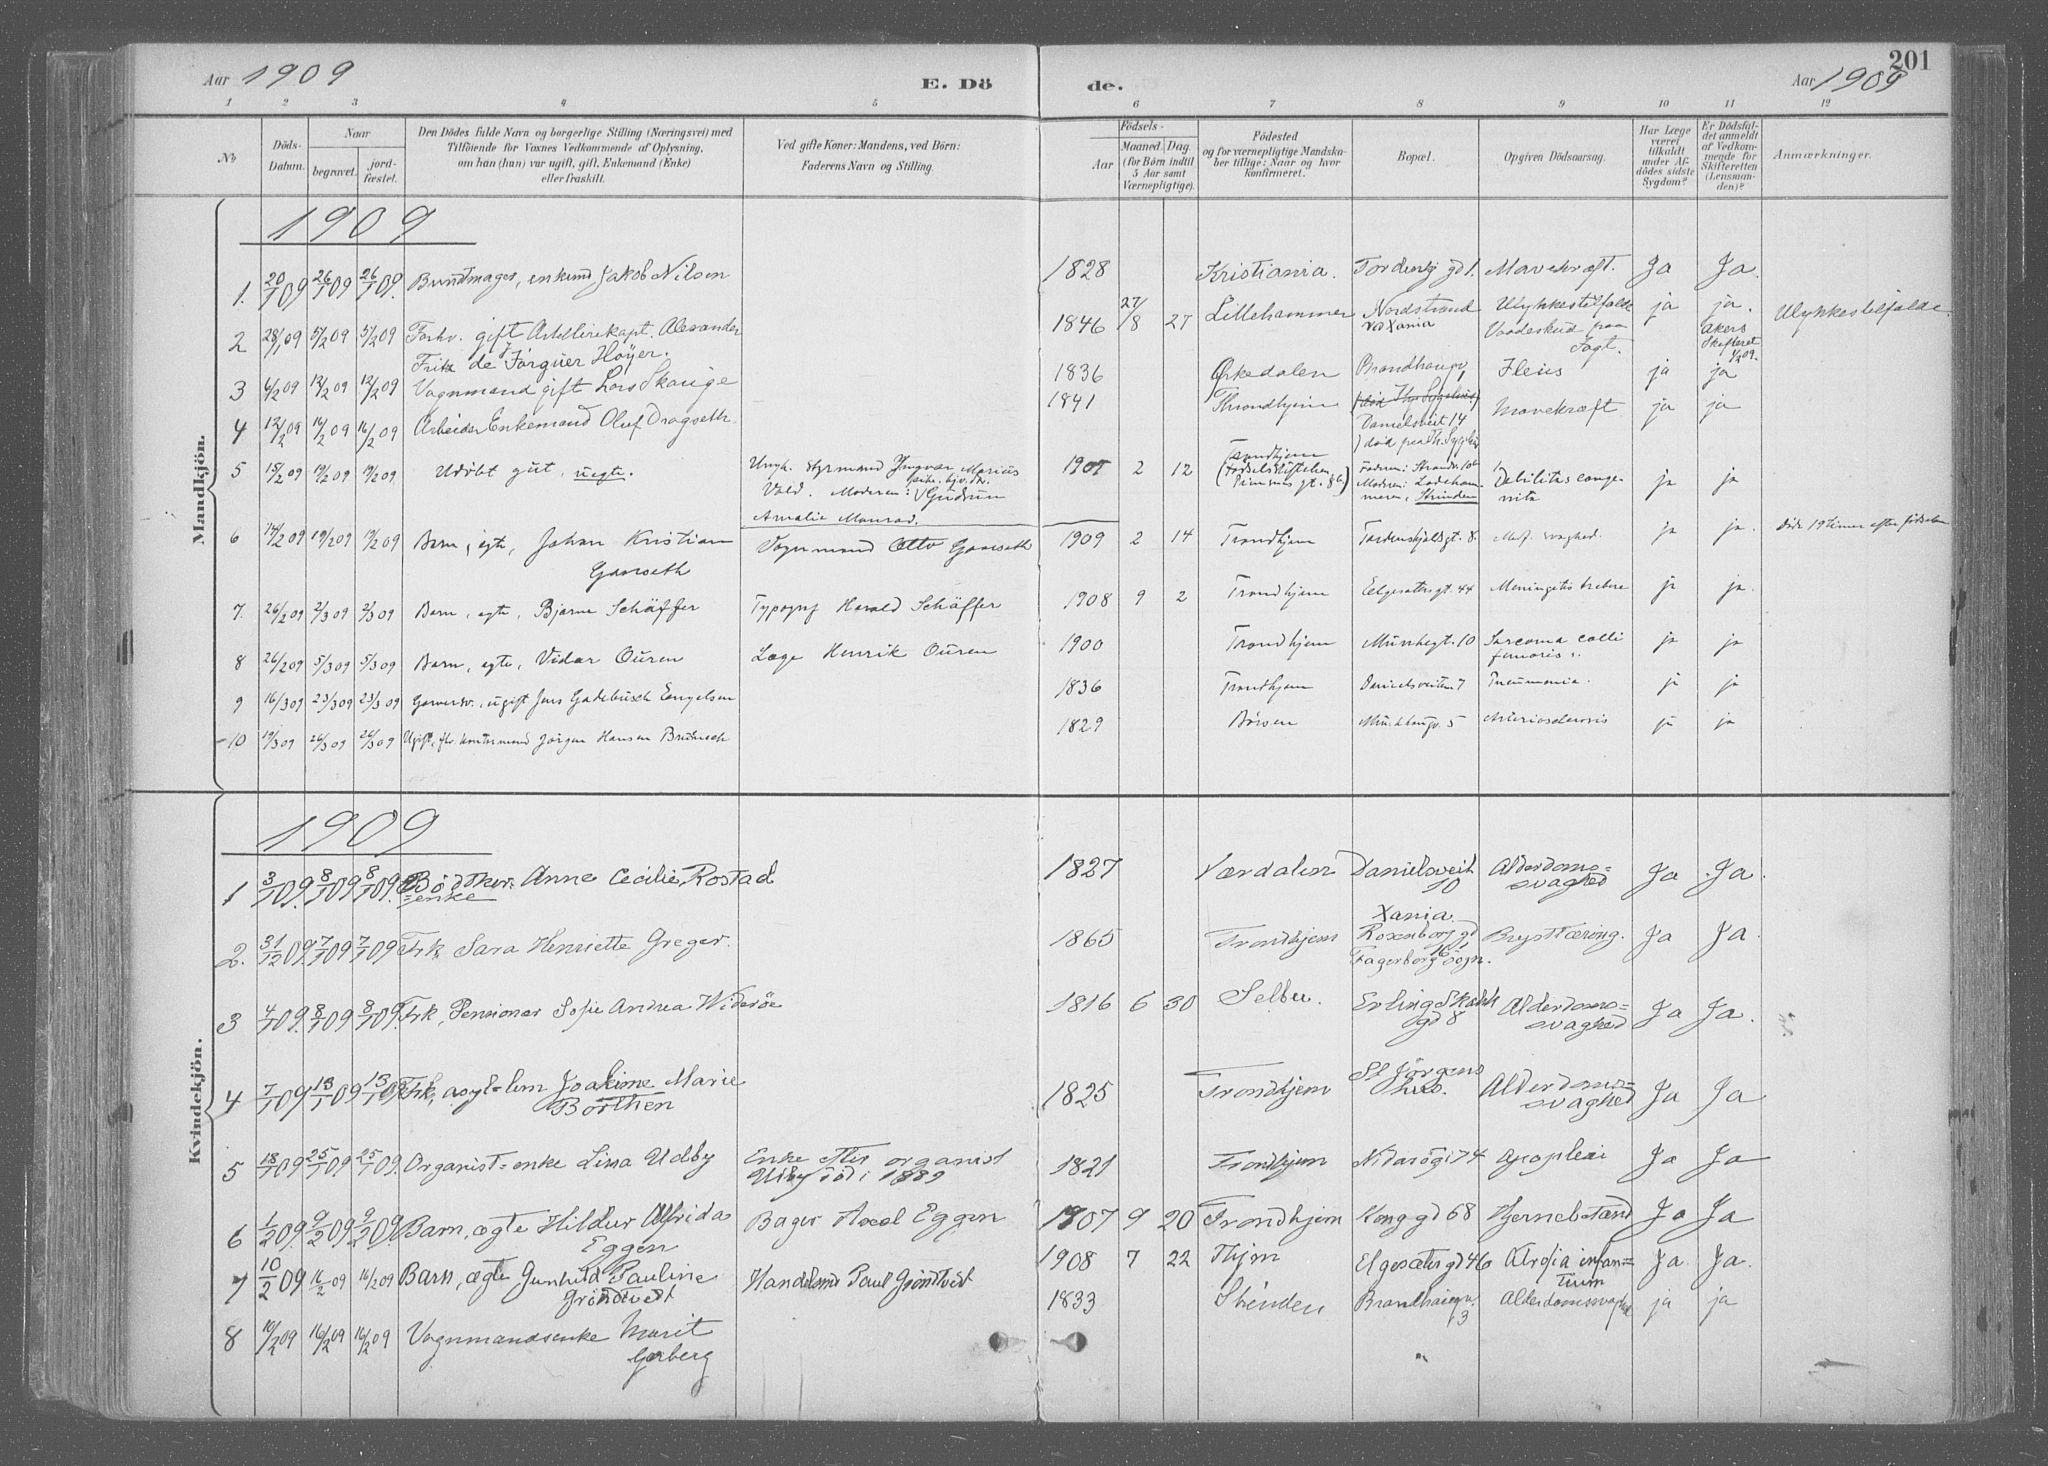 SAT, Ministerialprotokoller, klokkerbøker og fødselsregistre - Sør-Trøndelag, 601/L0064: Ministerialbok nr. 601A31, 1891-1911, s. 201